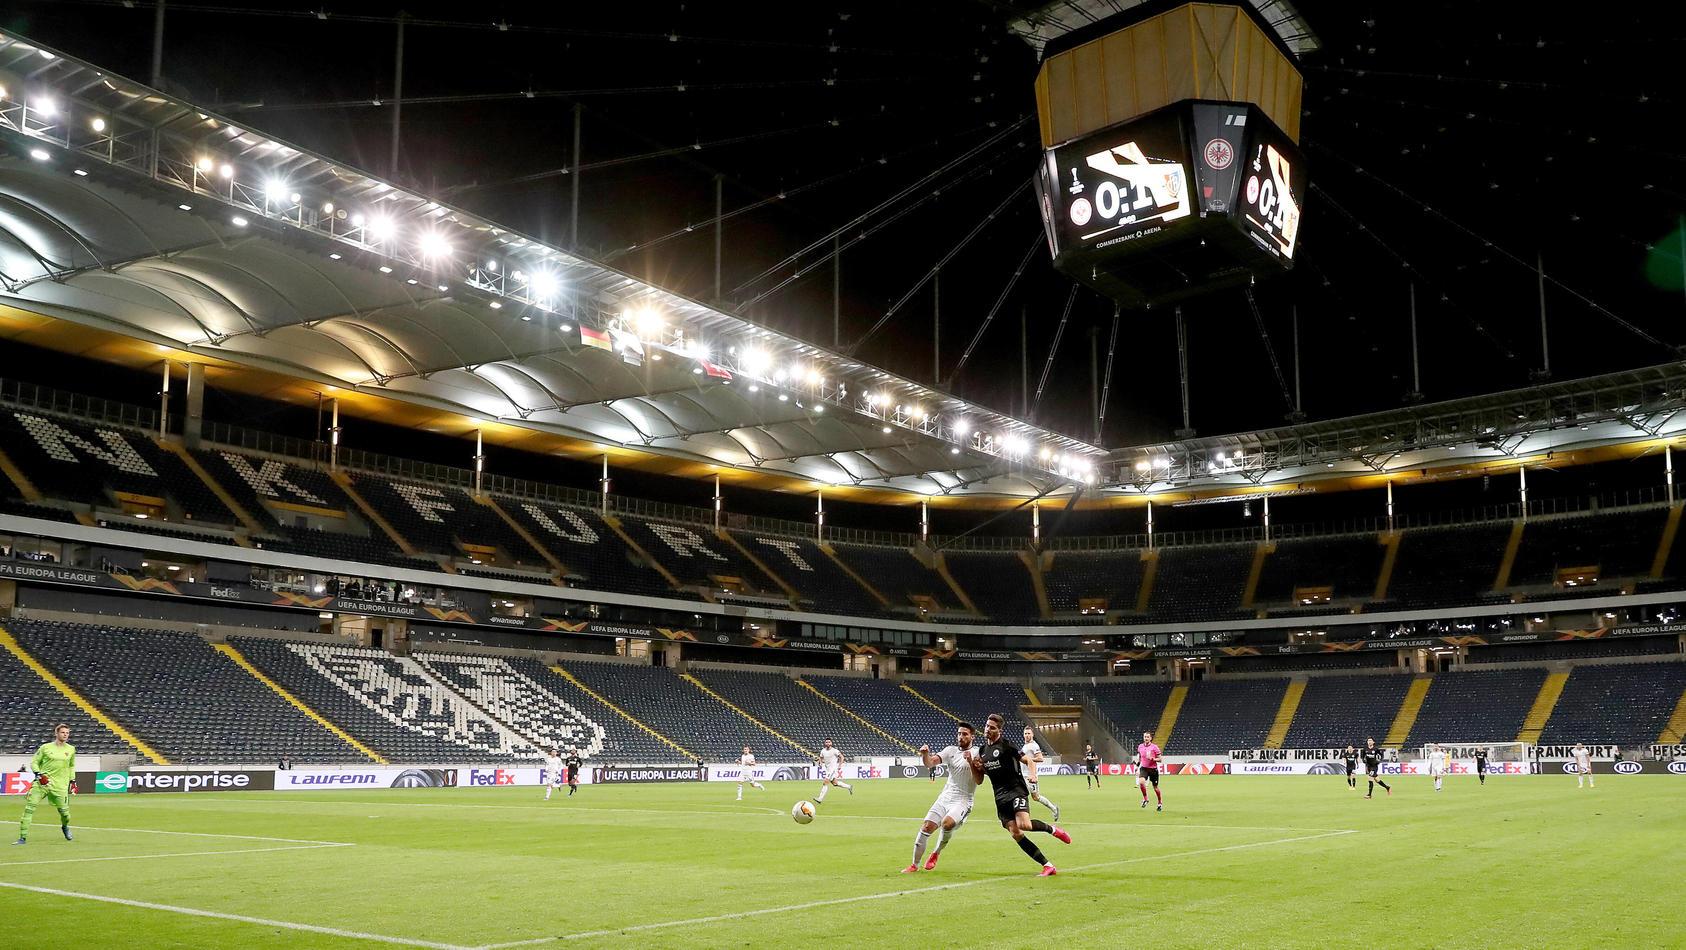 Fußball - Europa League - Eintracht Frankfurt - FC Basel am 12.03.2020 in der Commerzbank-Arena in Frankfurt Spielszene